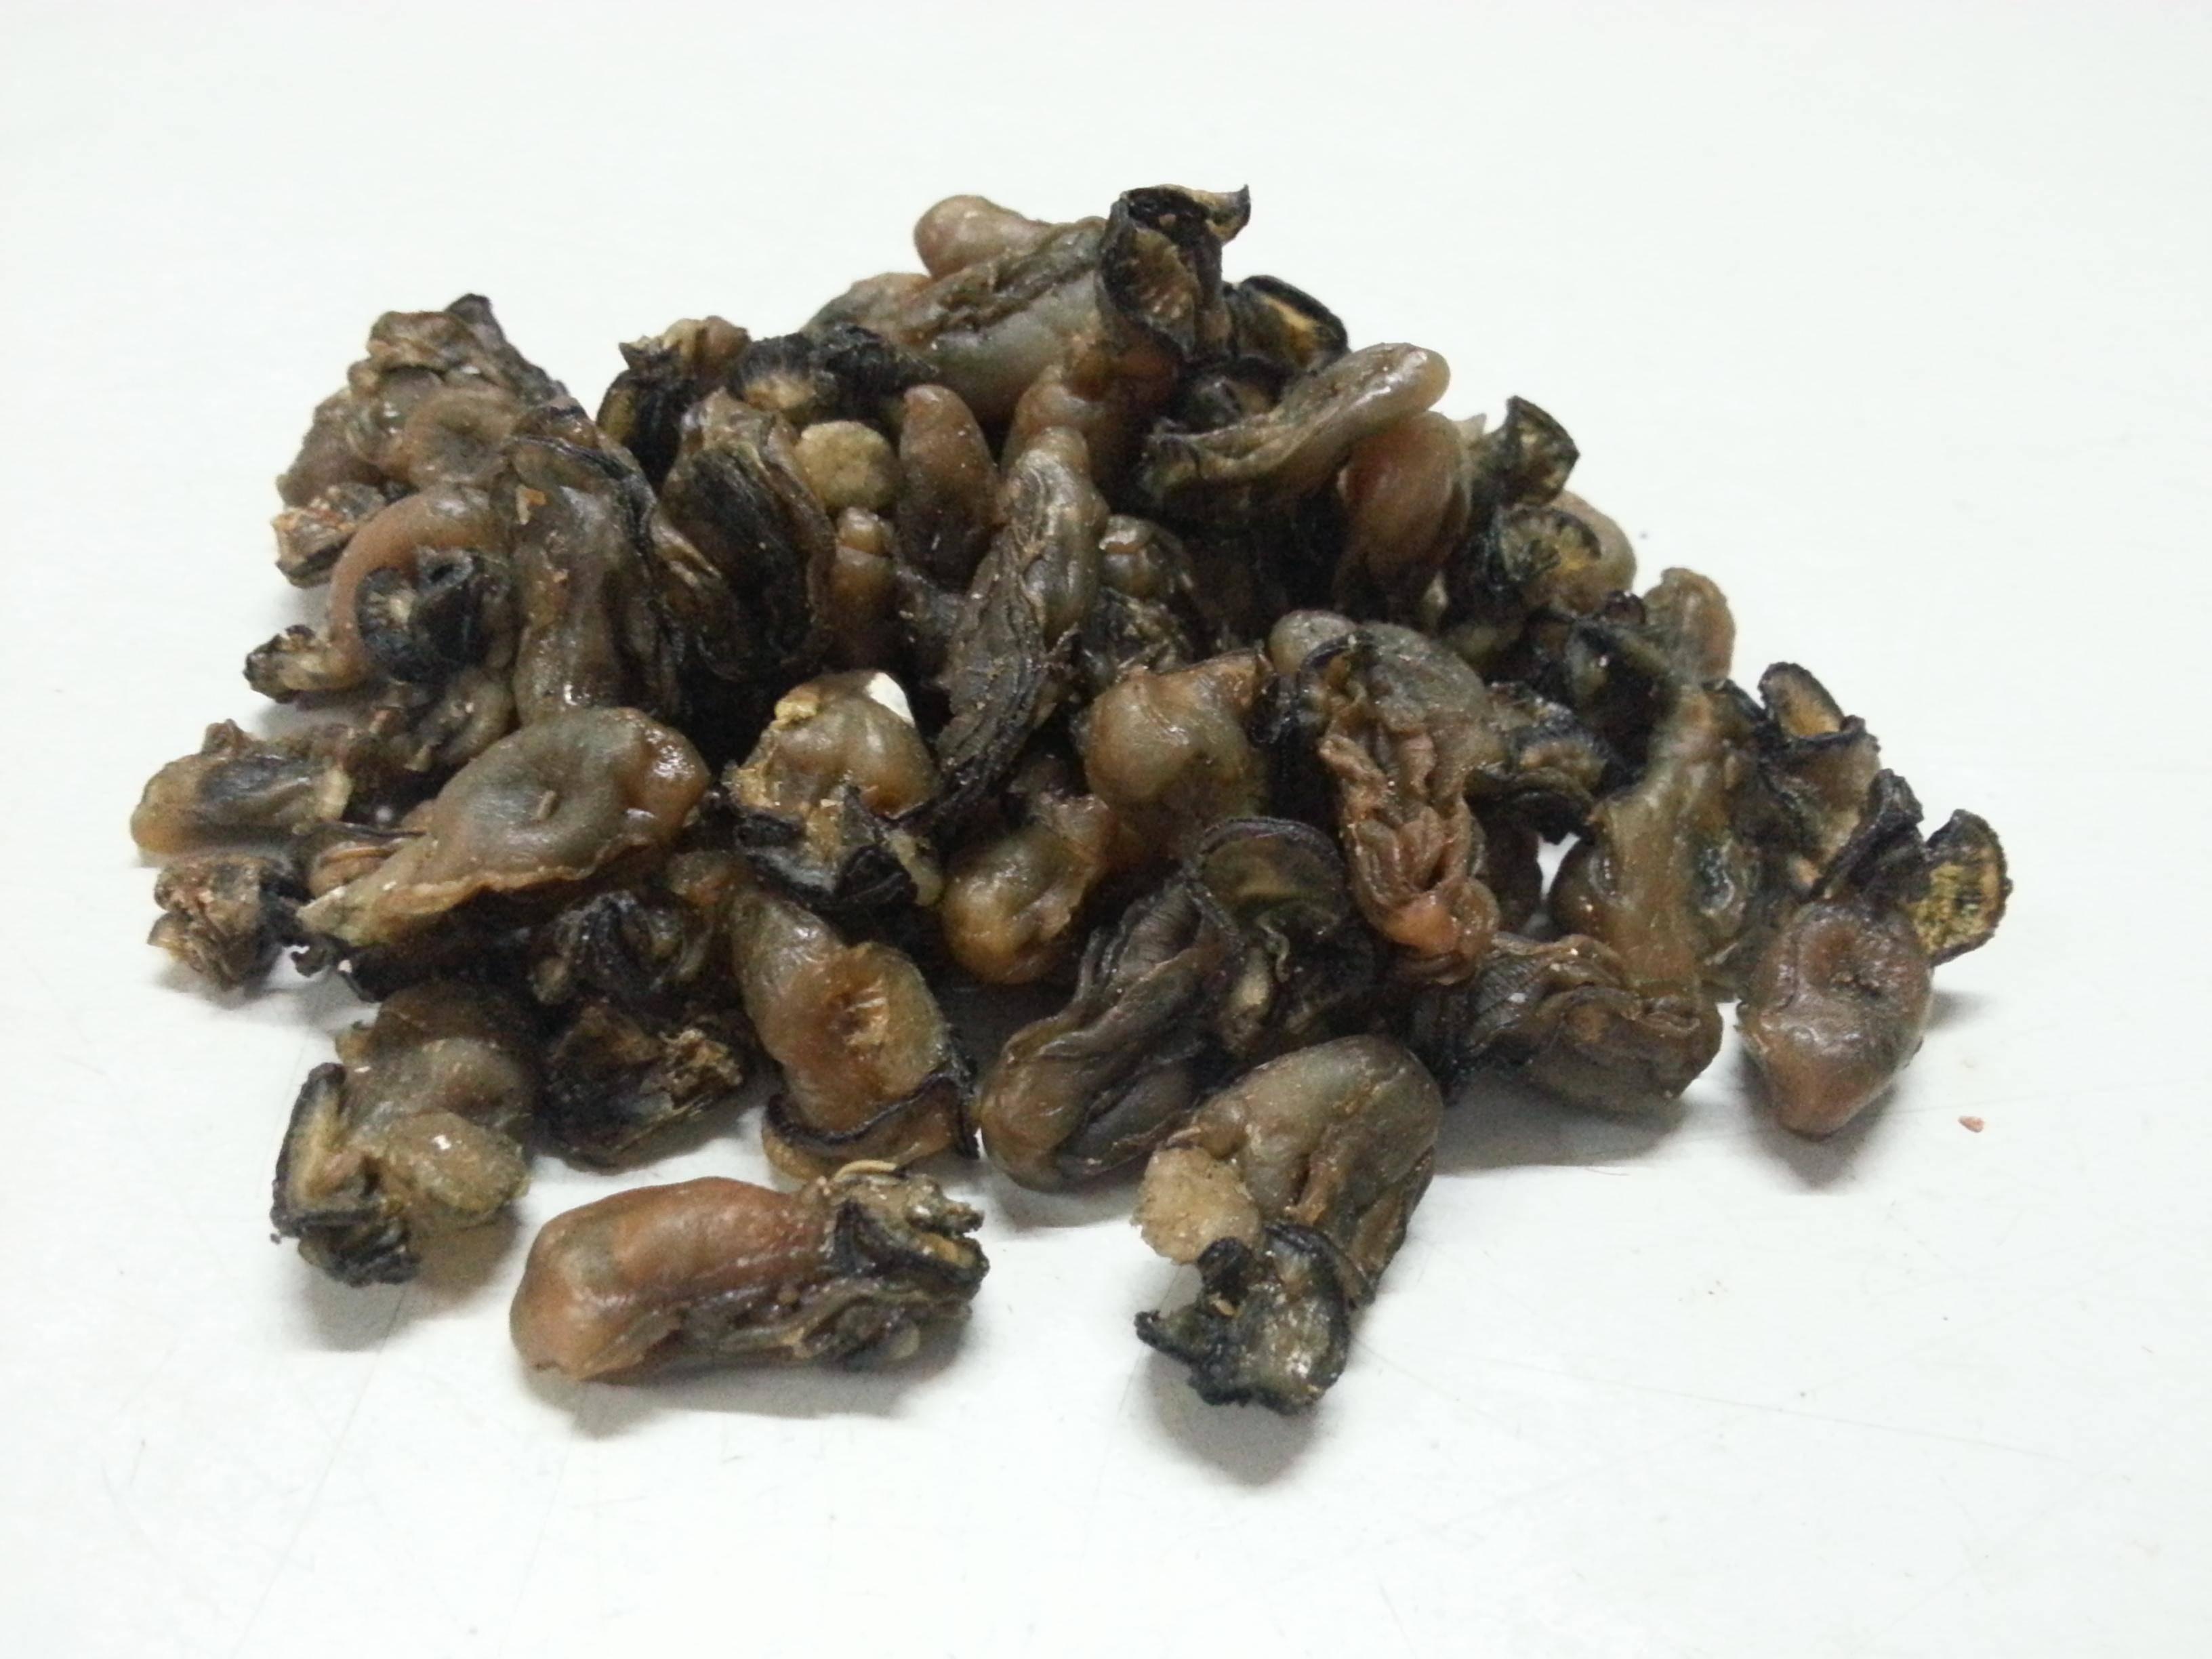 海蛎干的吃法_哪些人不能吃海蛎干_食材_养生之道网